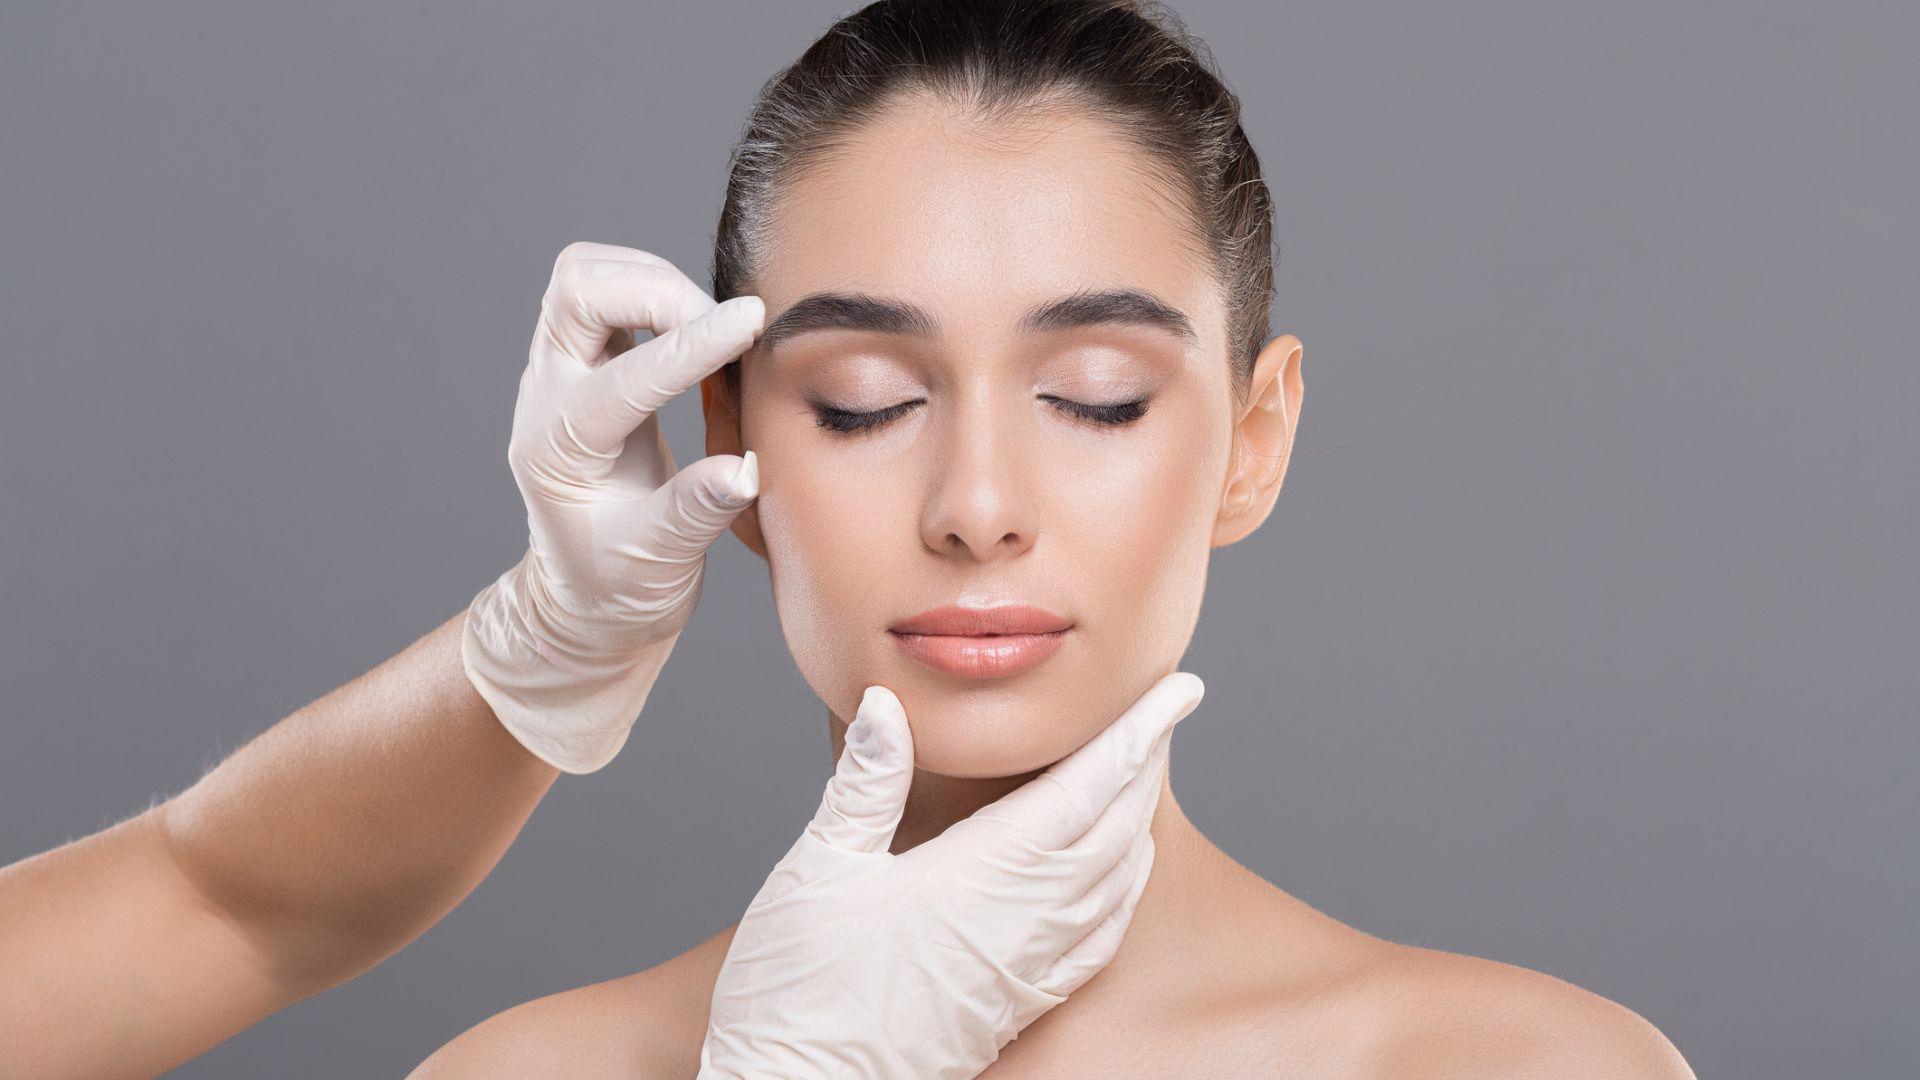 Във време на пандемия ерата на Zoom дава тласък на естетичната хирургия в САЩ